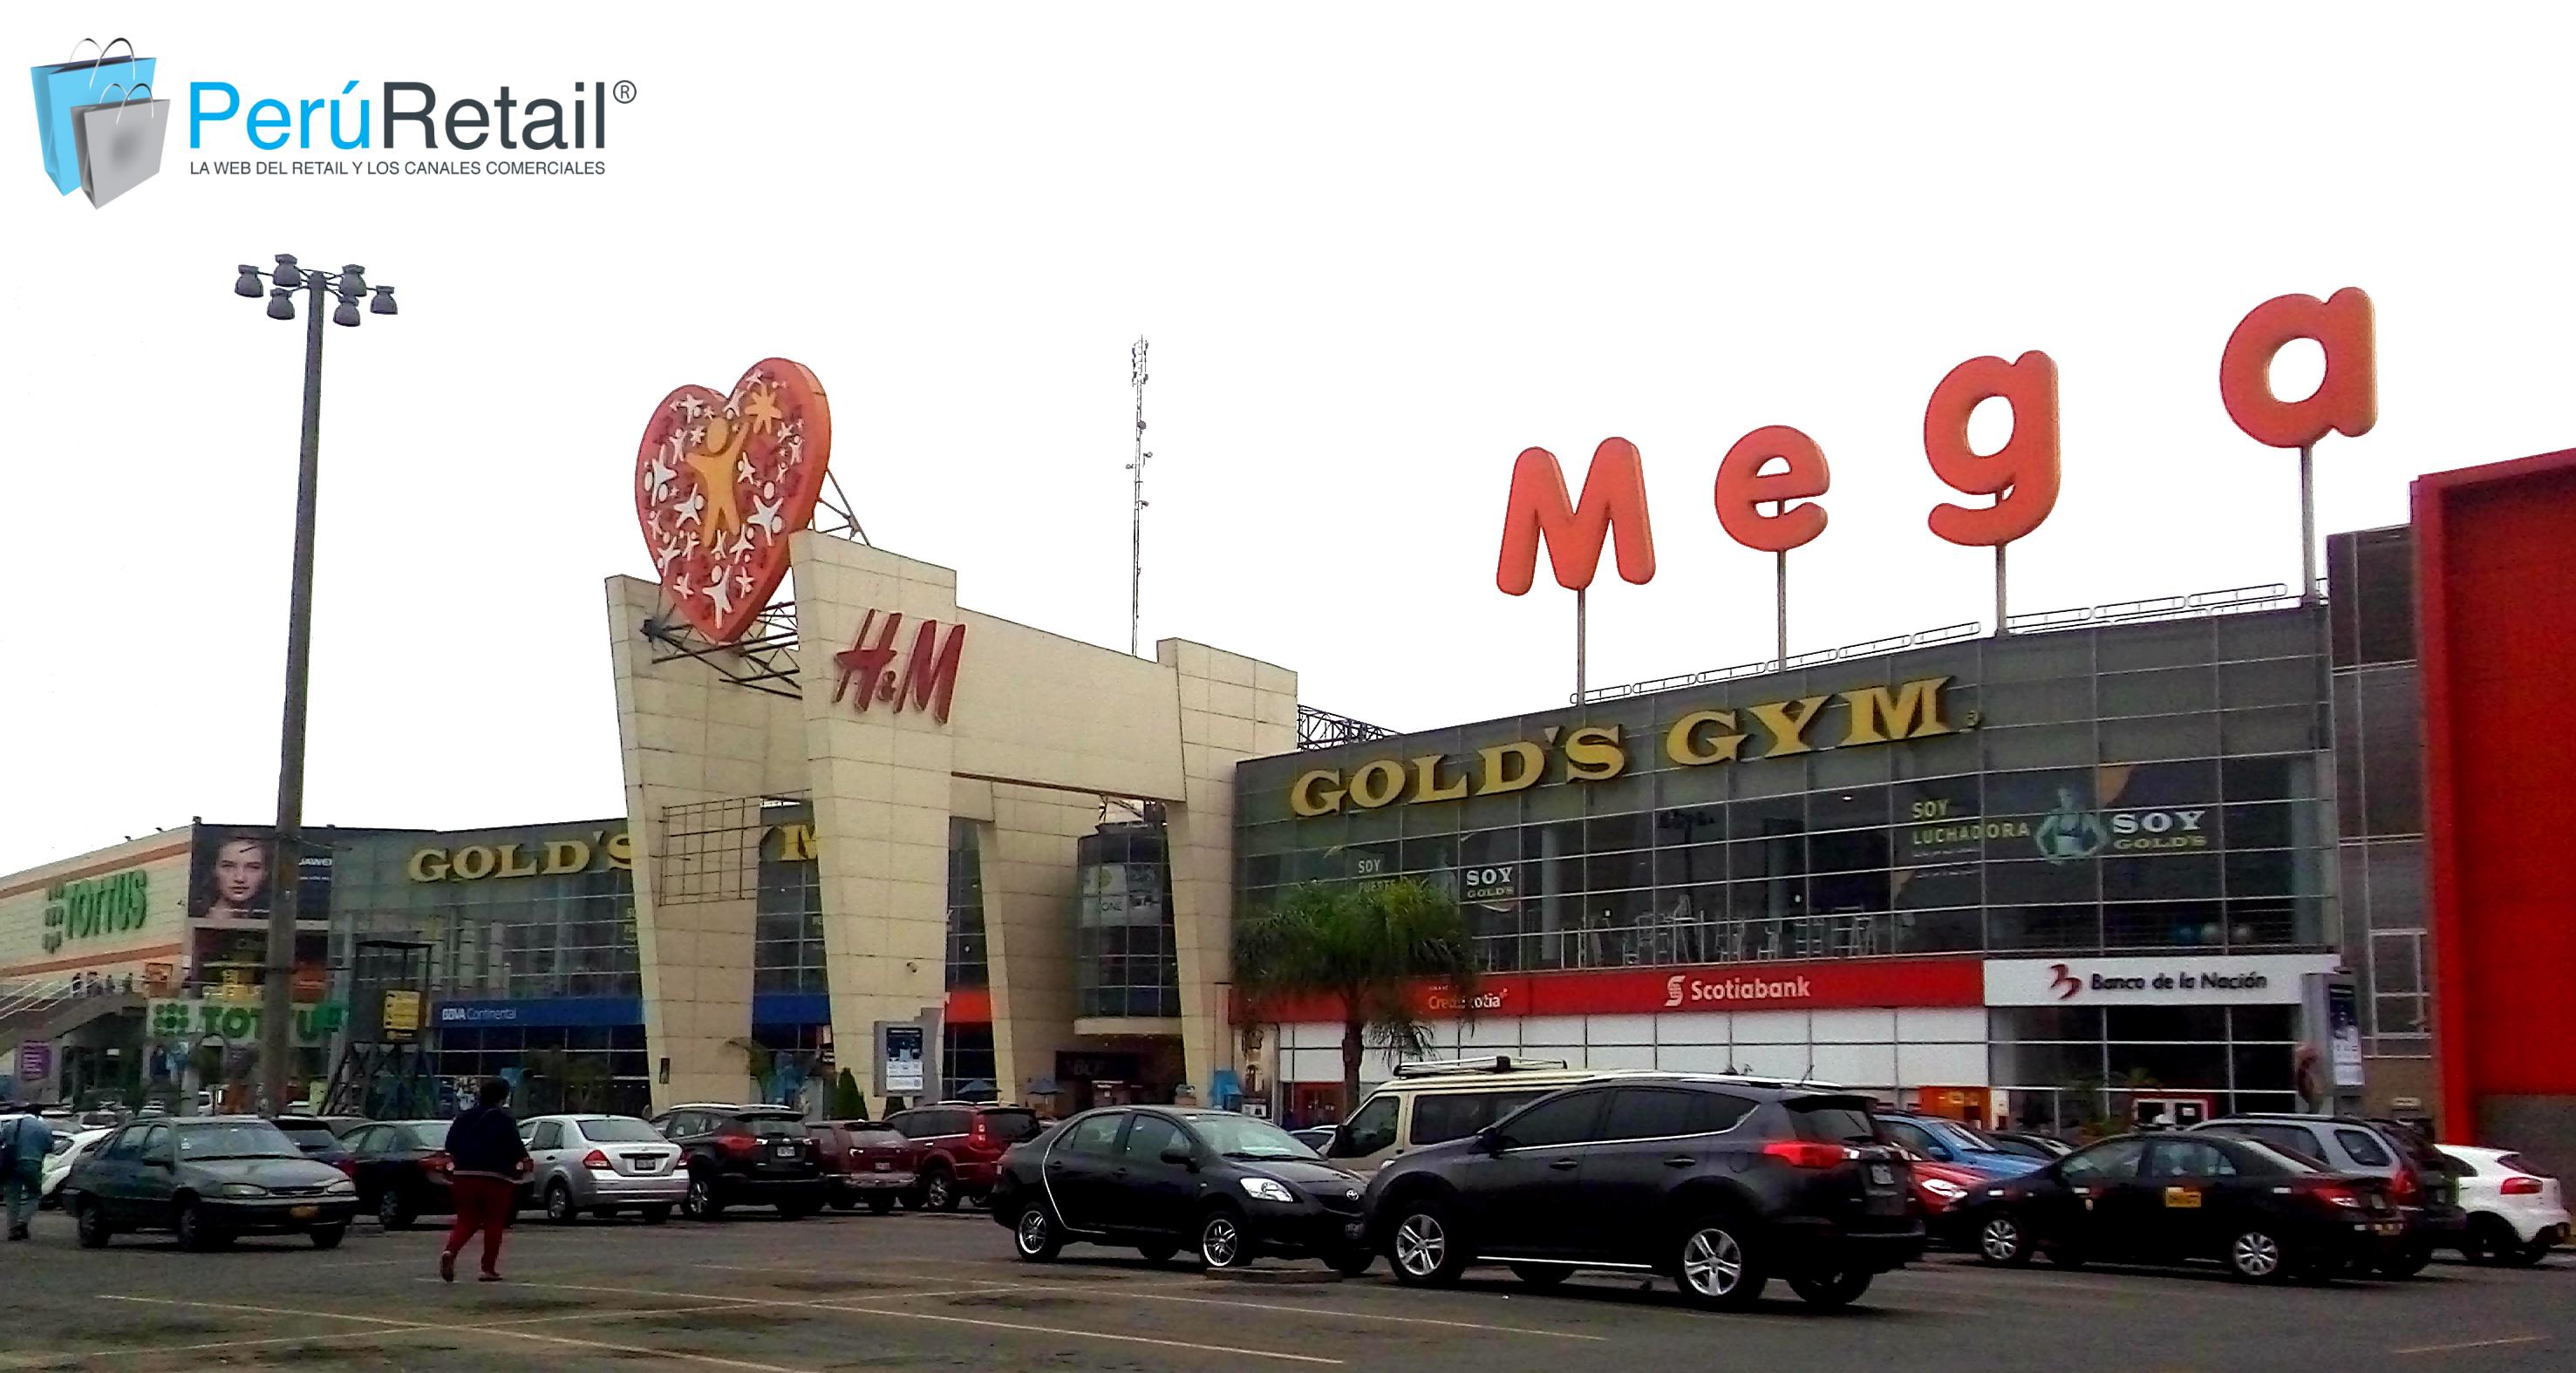 MegaPlaza entrada peru retail - Ventas de MegaPlaza por Fiestas Patrias no fueron las esperadas